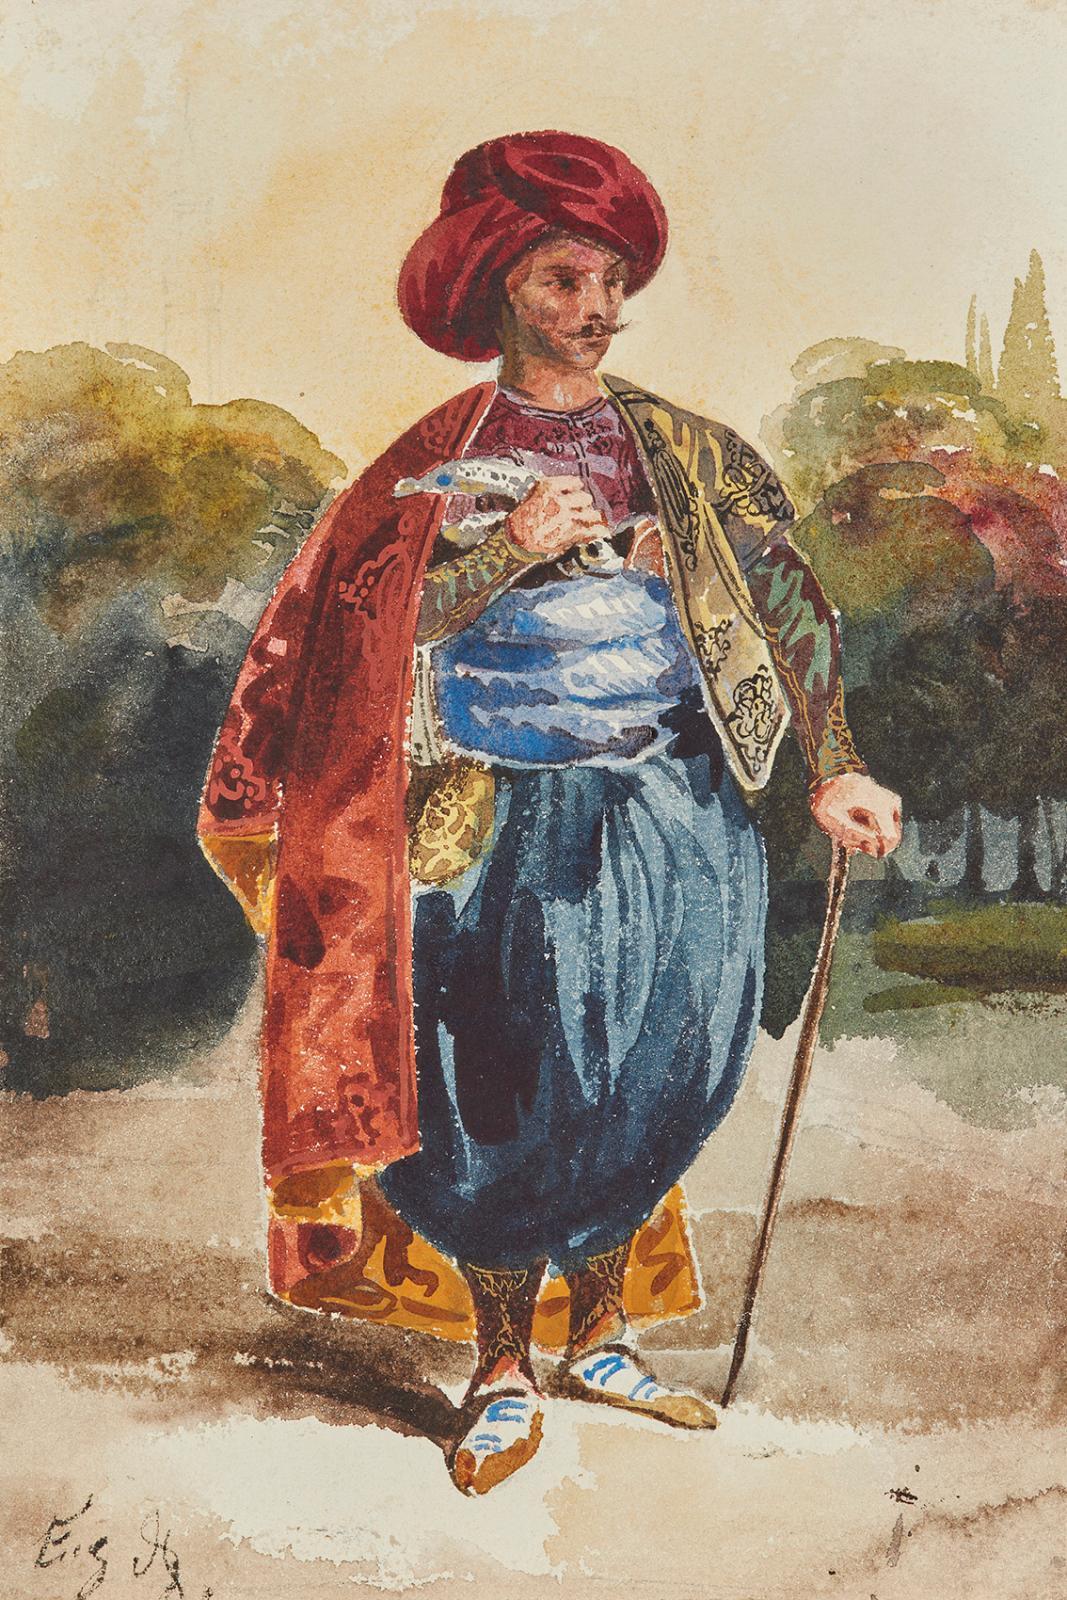 Album amicorum composé par la comtesse d'Hautefort(1787-1850), comprenant 96œuvres sur papier dont une aquarelle d'Eugène Delacroix (179